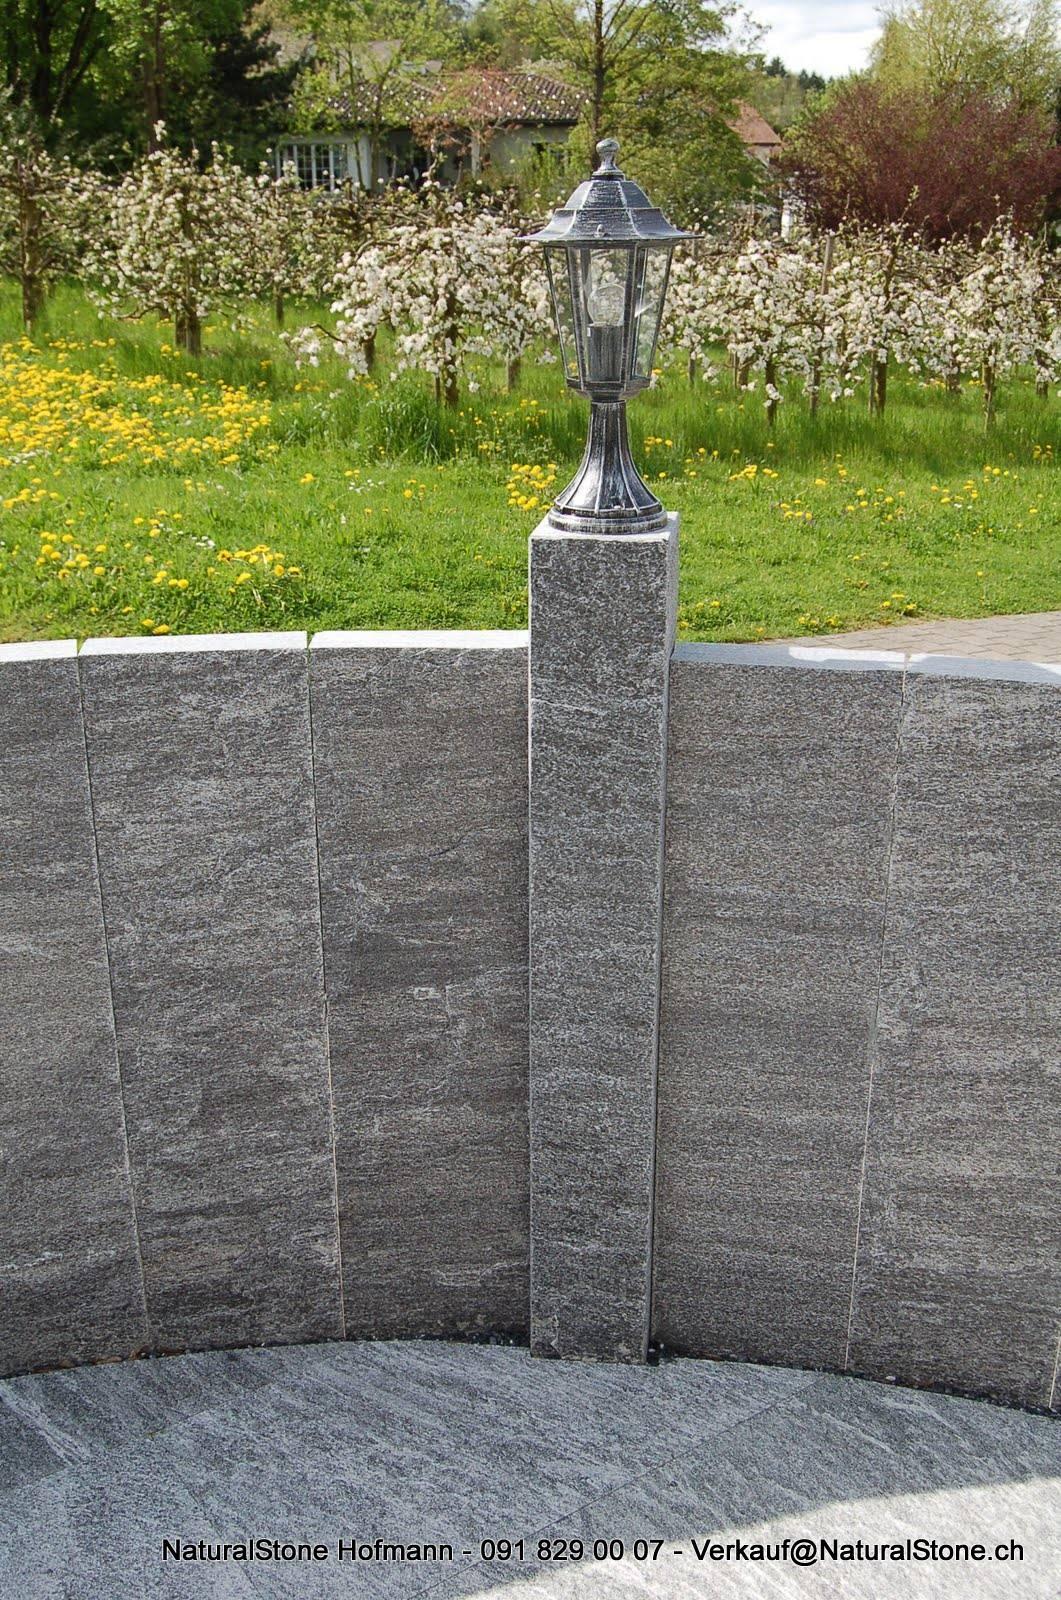 dsc-0665-stehlen-calanca-gneis-lichtpfosten - naturalstone hofmann